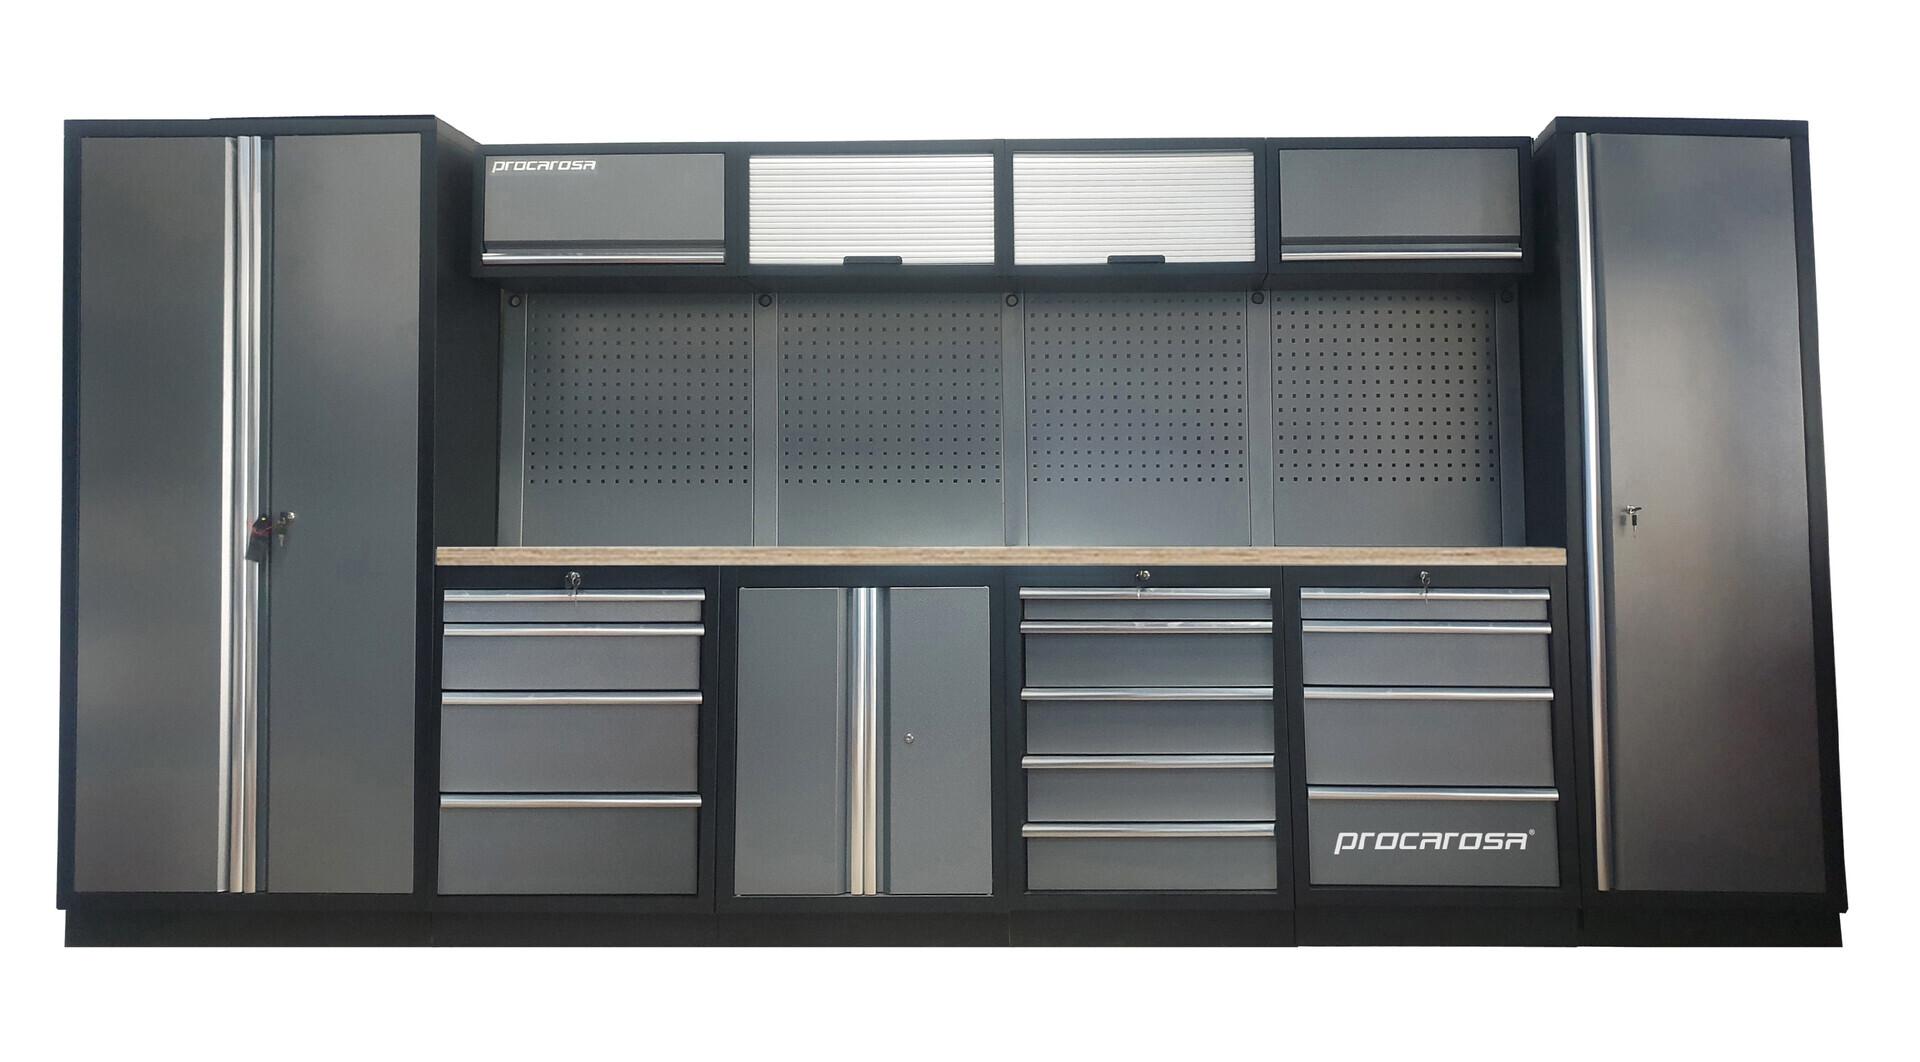 Sestava dílenského nábytku Procarosa PROFESSIONAL XL-4 Pracovní deska: dřevěná, Hmotnost: